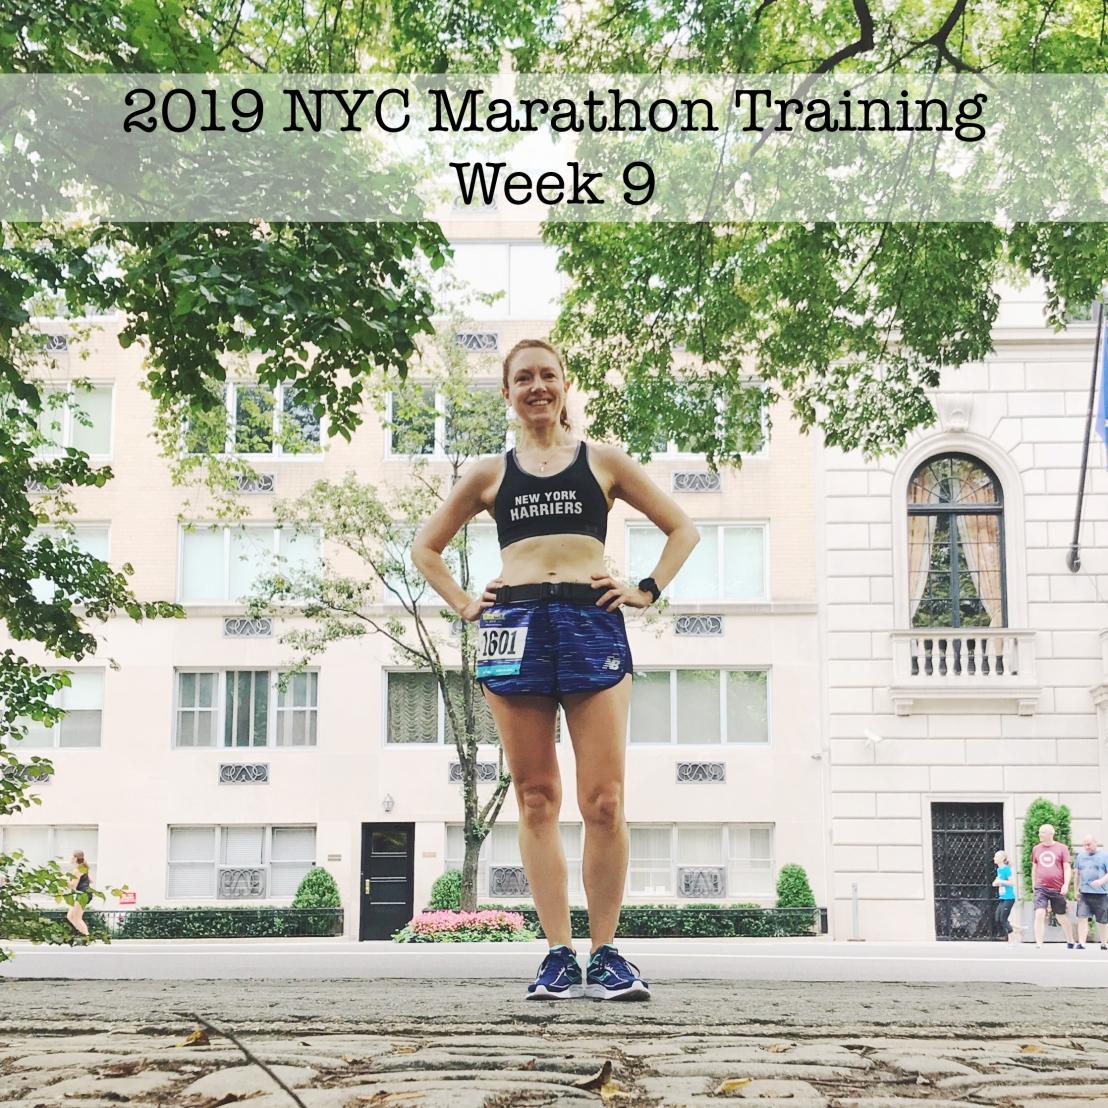 IMG_1043 2019 NYC Marathon Training Week 9